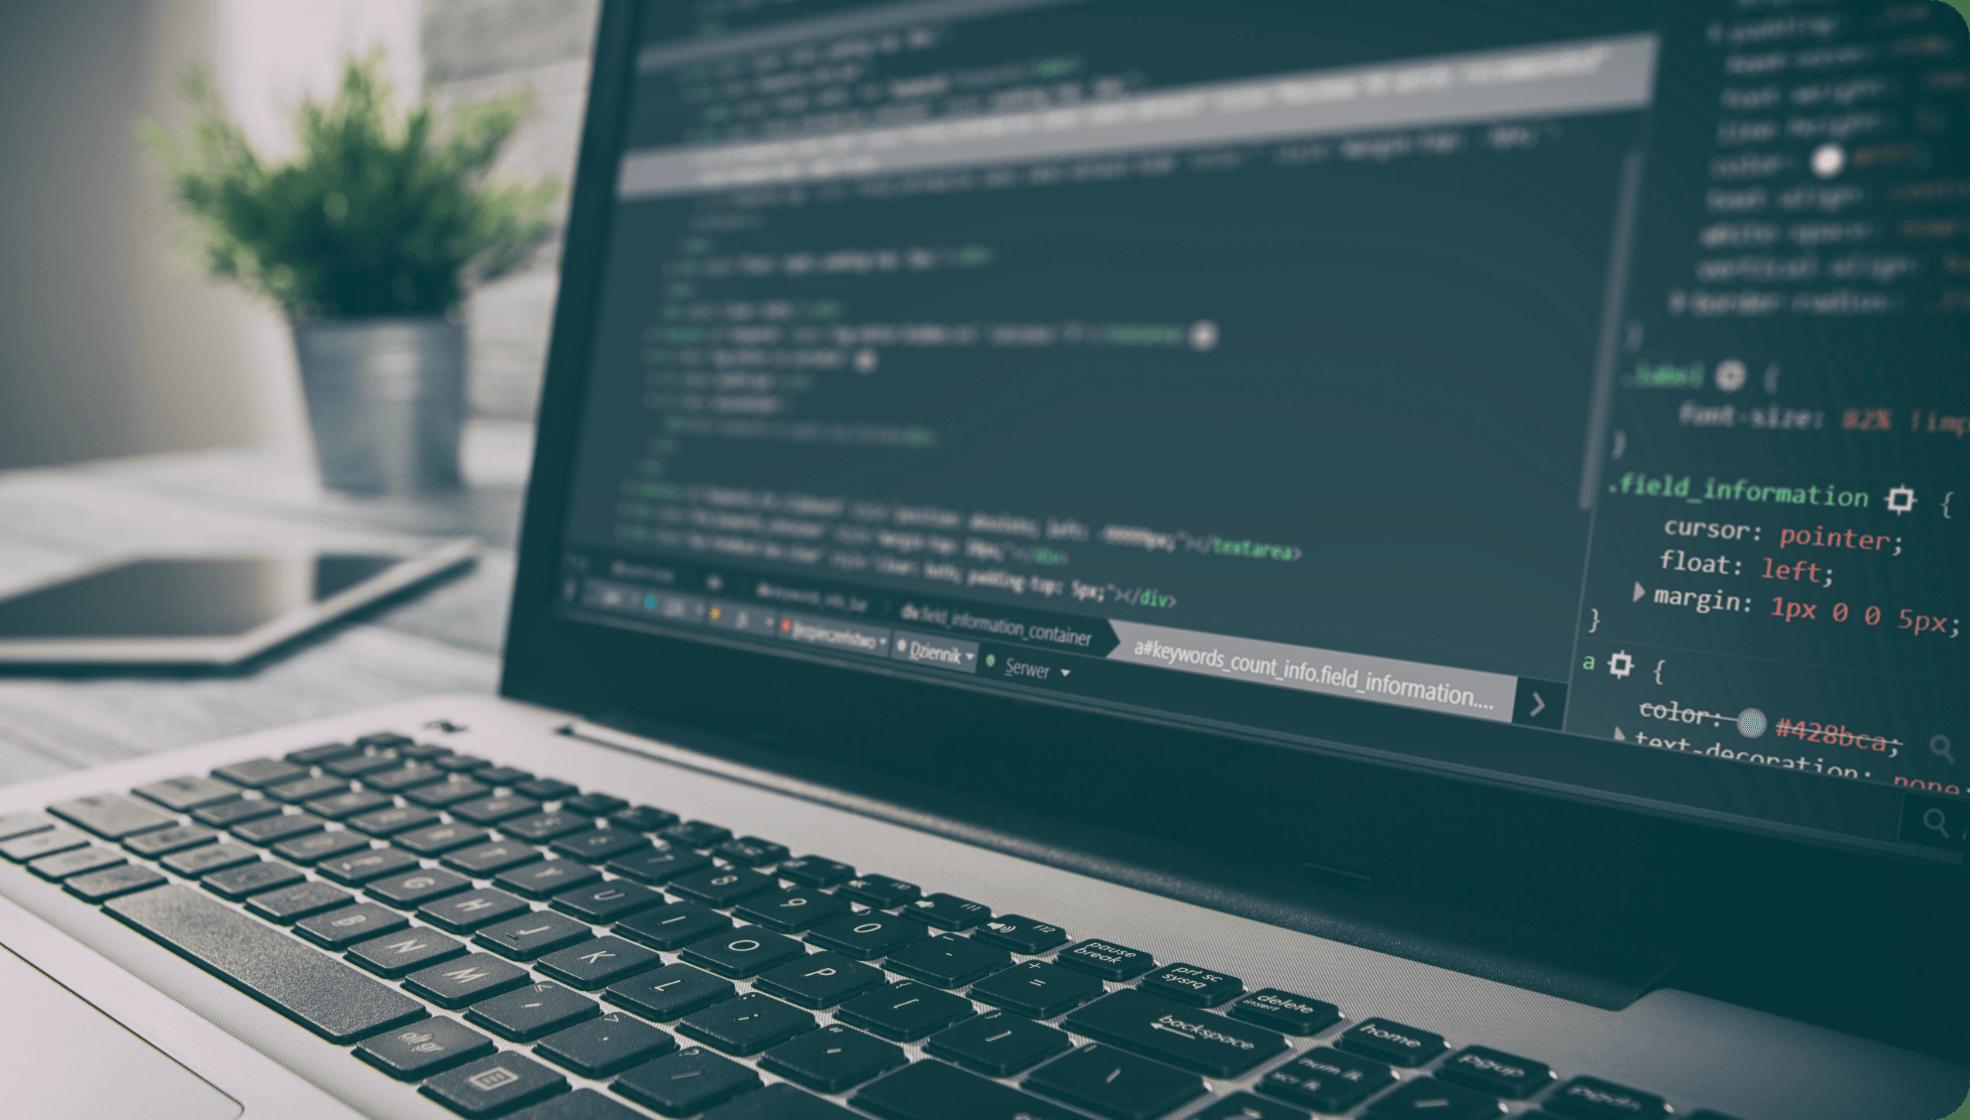 WEBシステム開発のメインビジュアル